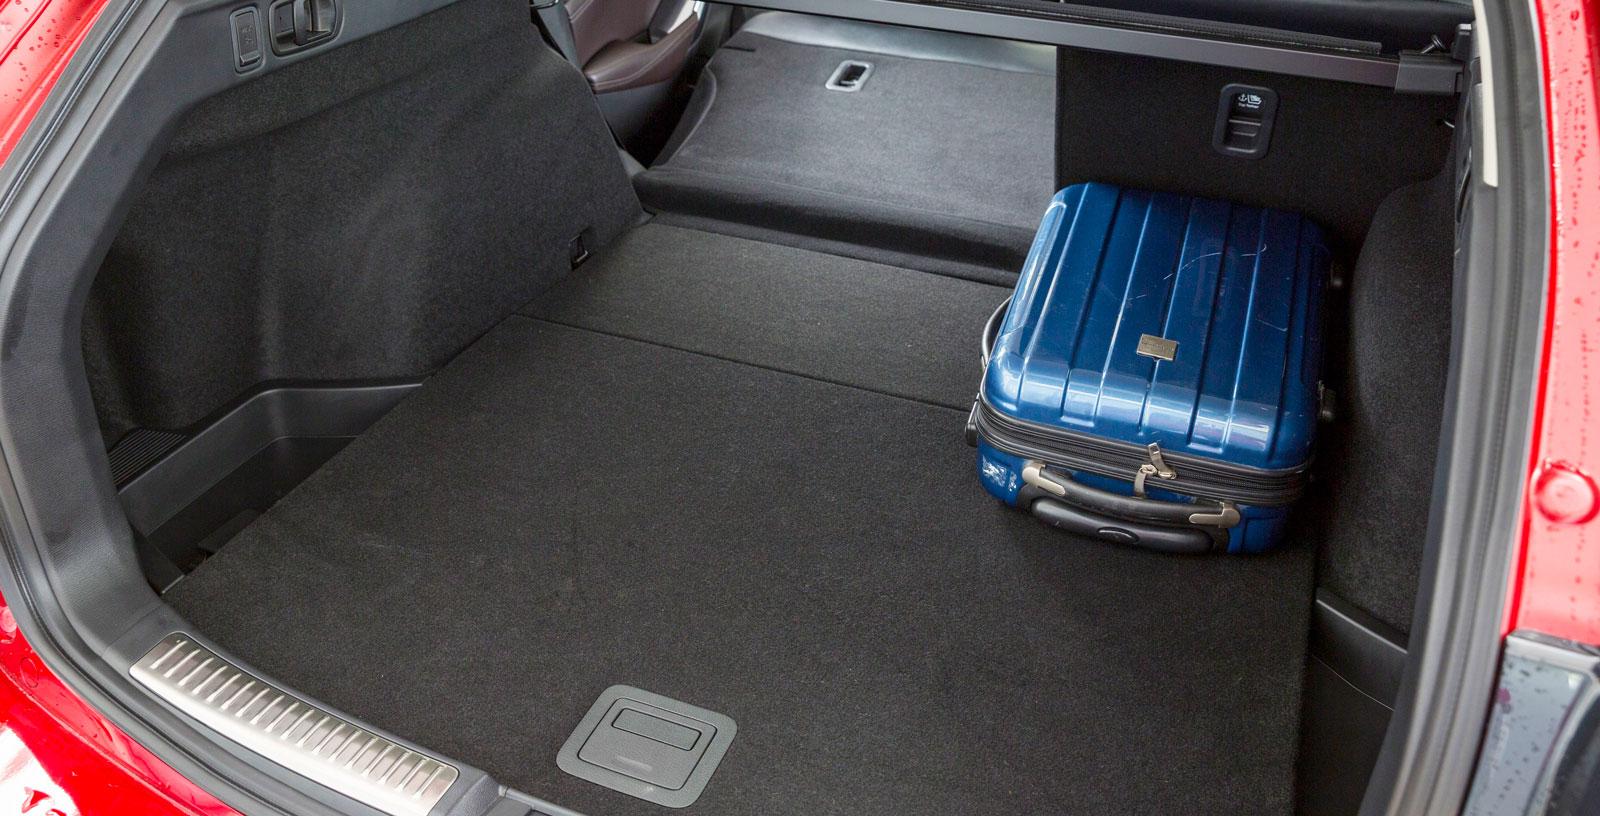 Mazda har inte lika flexibel delning av baksätets ryggstöd.  Vid fällning blir heller inte lastutrymmet helt plant. Men det visar sig att Mazda har bäst längd vid fällning och klarar flest läskbackar, trots att utrymmet i liter räknat är minst av de tre testbilarna. Mazdas baklucka får man öppna för hand.